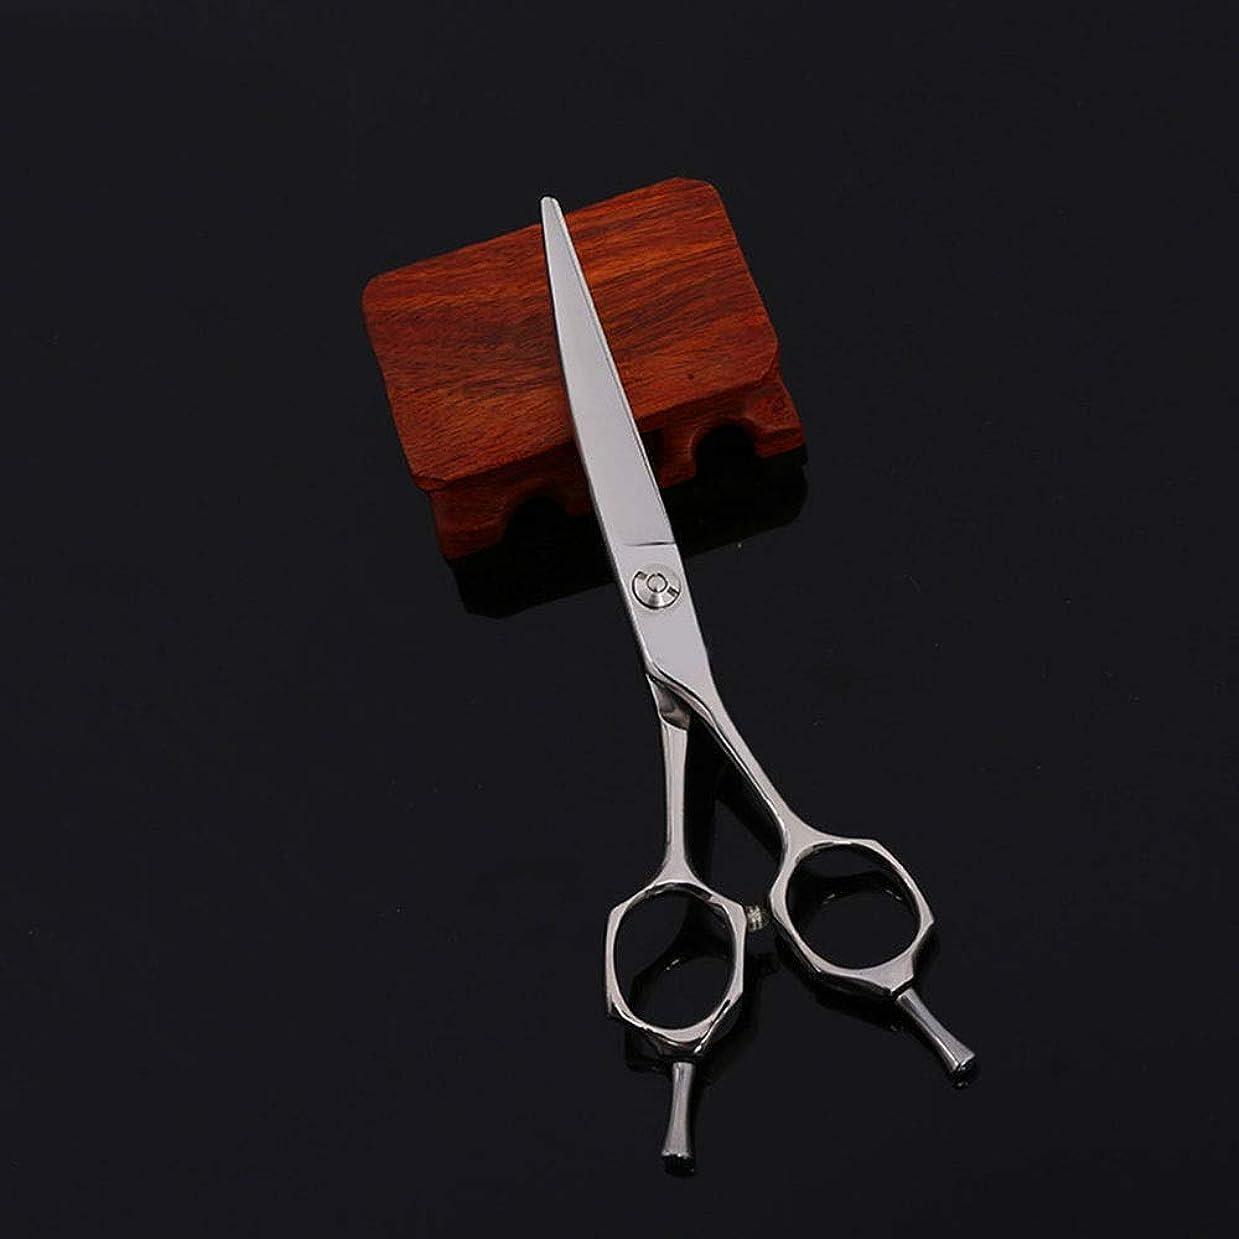 パテ悲しいことに葉巻6インチプロフェッショナルハイエンド理髪はさみツールフラットせん断はさみ モデリングツール (色 : Silver)